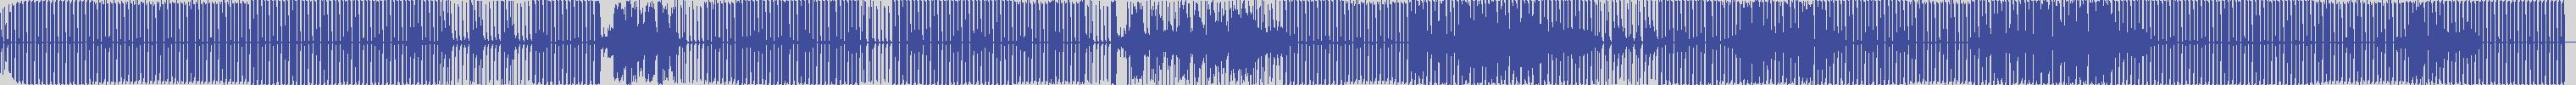 just_digital_records [JS1065] Dj Alex Del Lago - Capopattuglia [Original Mix] audio wave form